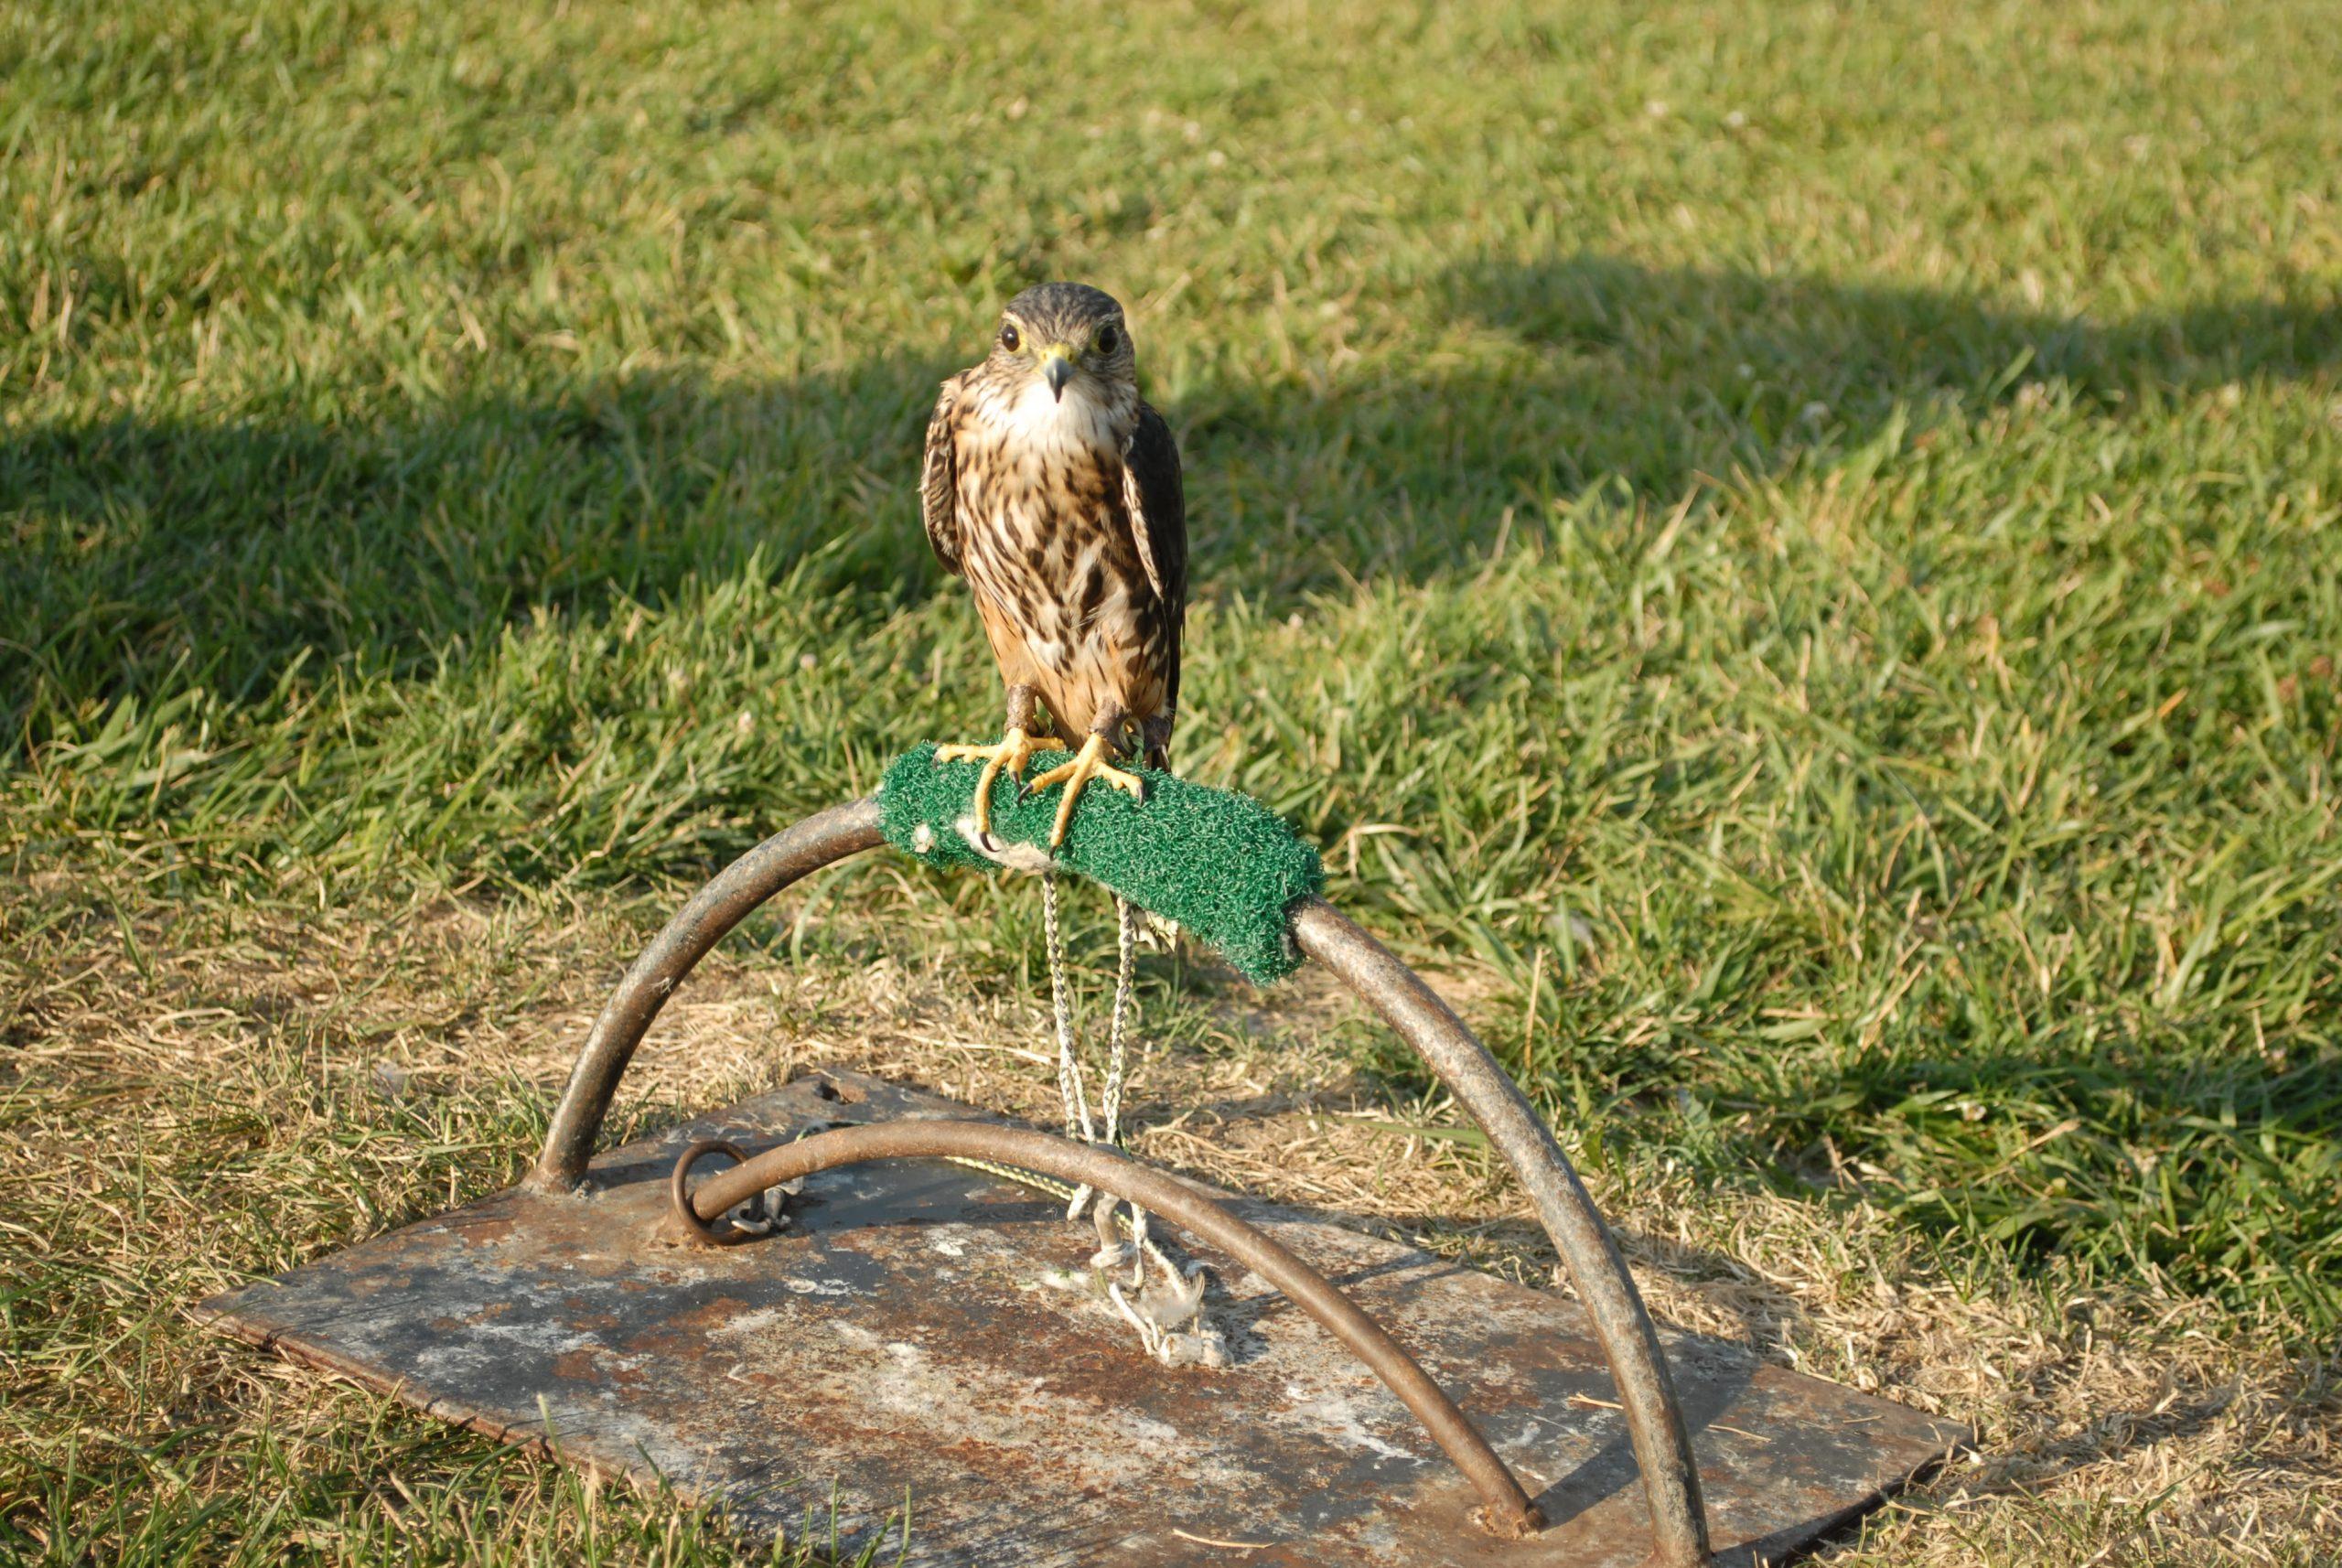 hawk sitting on metal arch